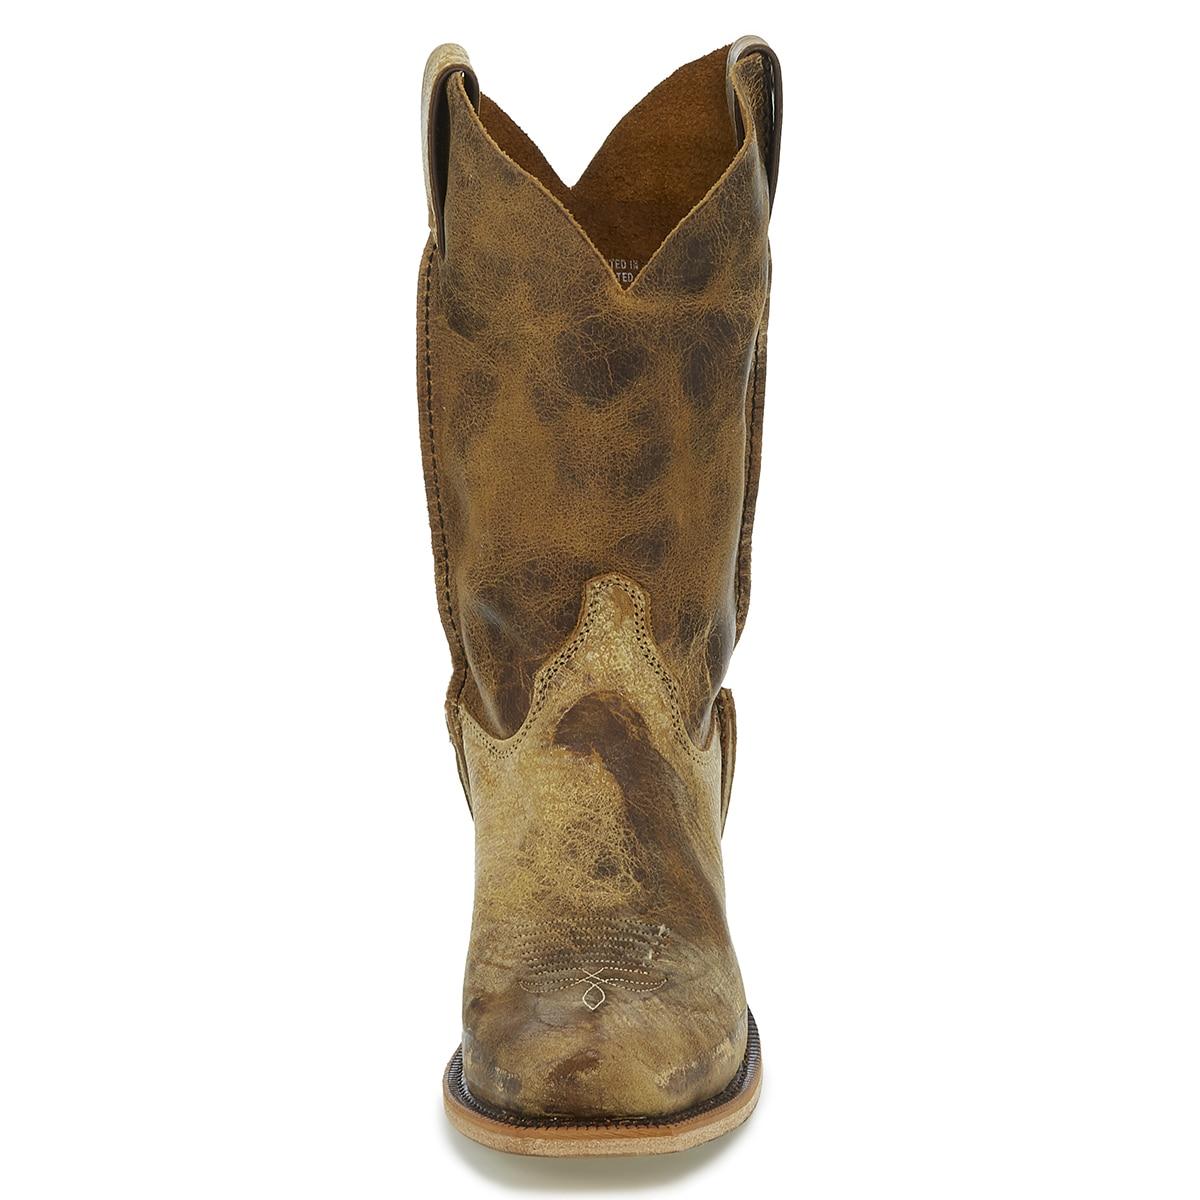 5933ced6a12 Justin Men's Bent Rail Shawnee Boots - Tan Road